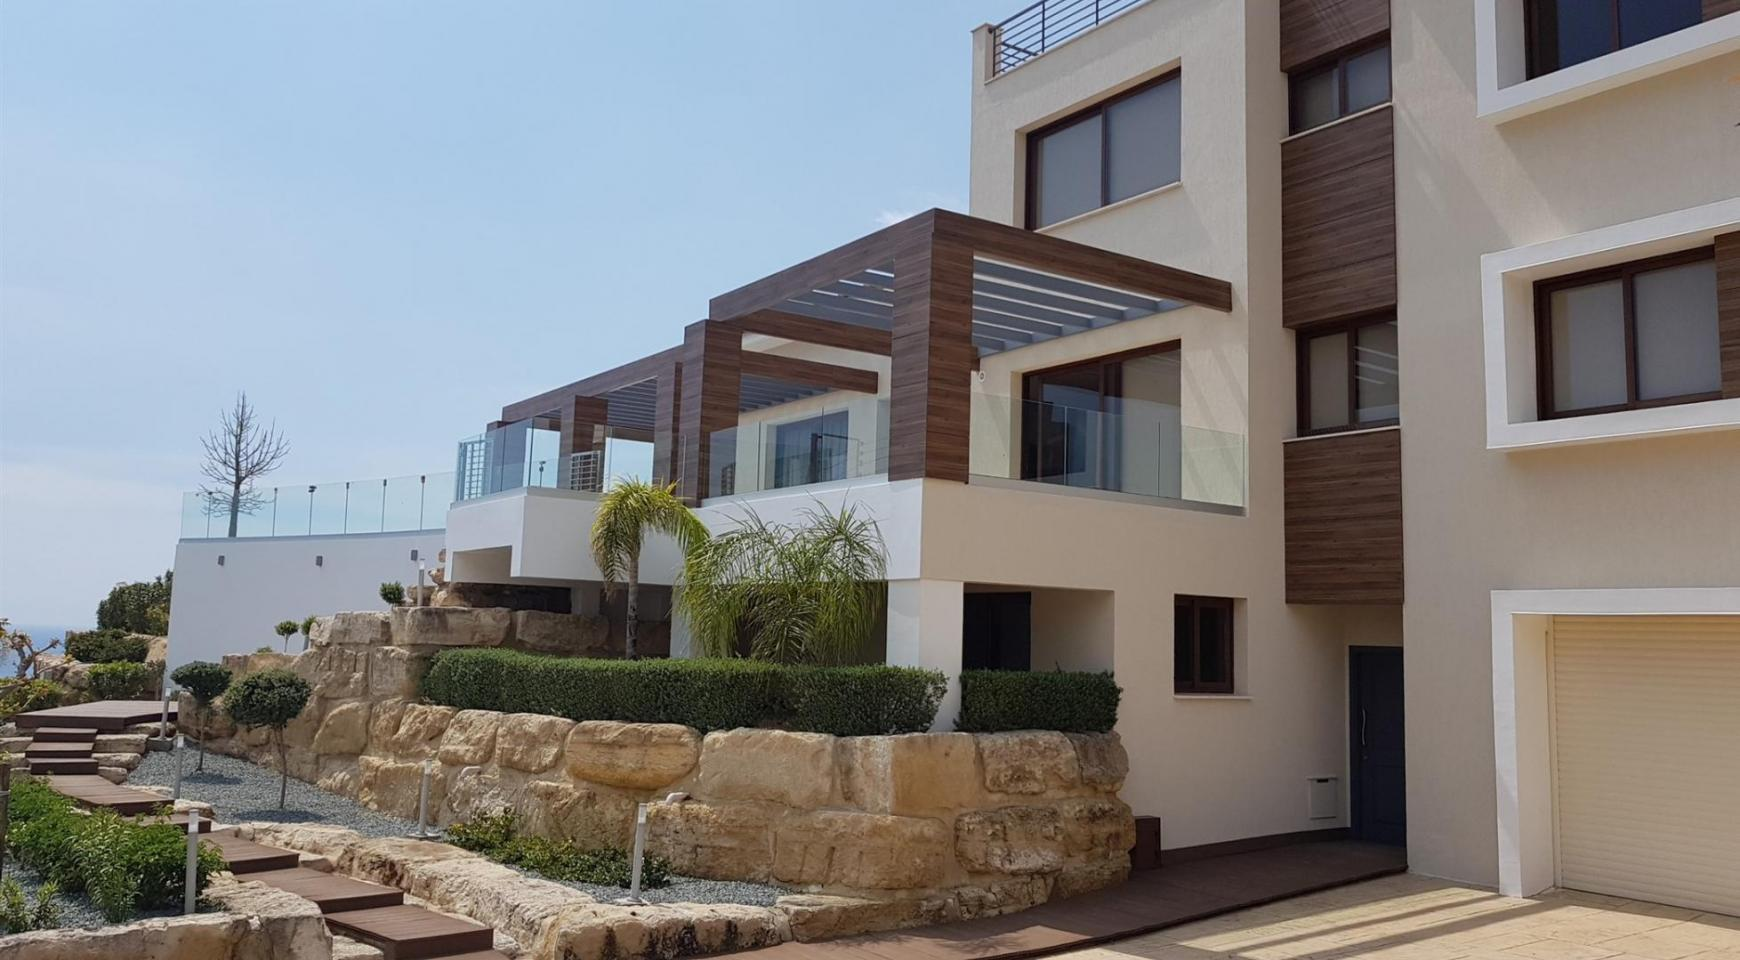 6 Bedroom Villa with Breathtaking Sea Views - 2